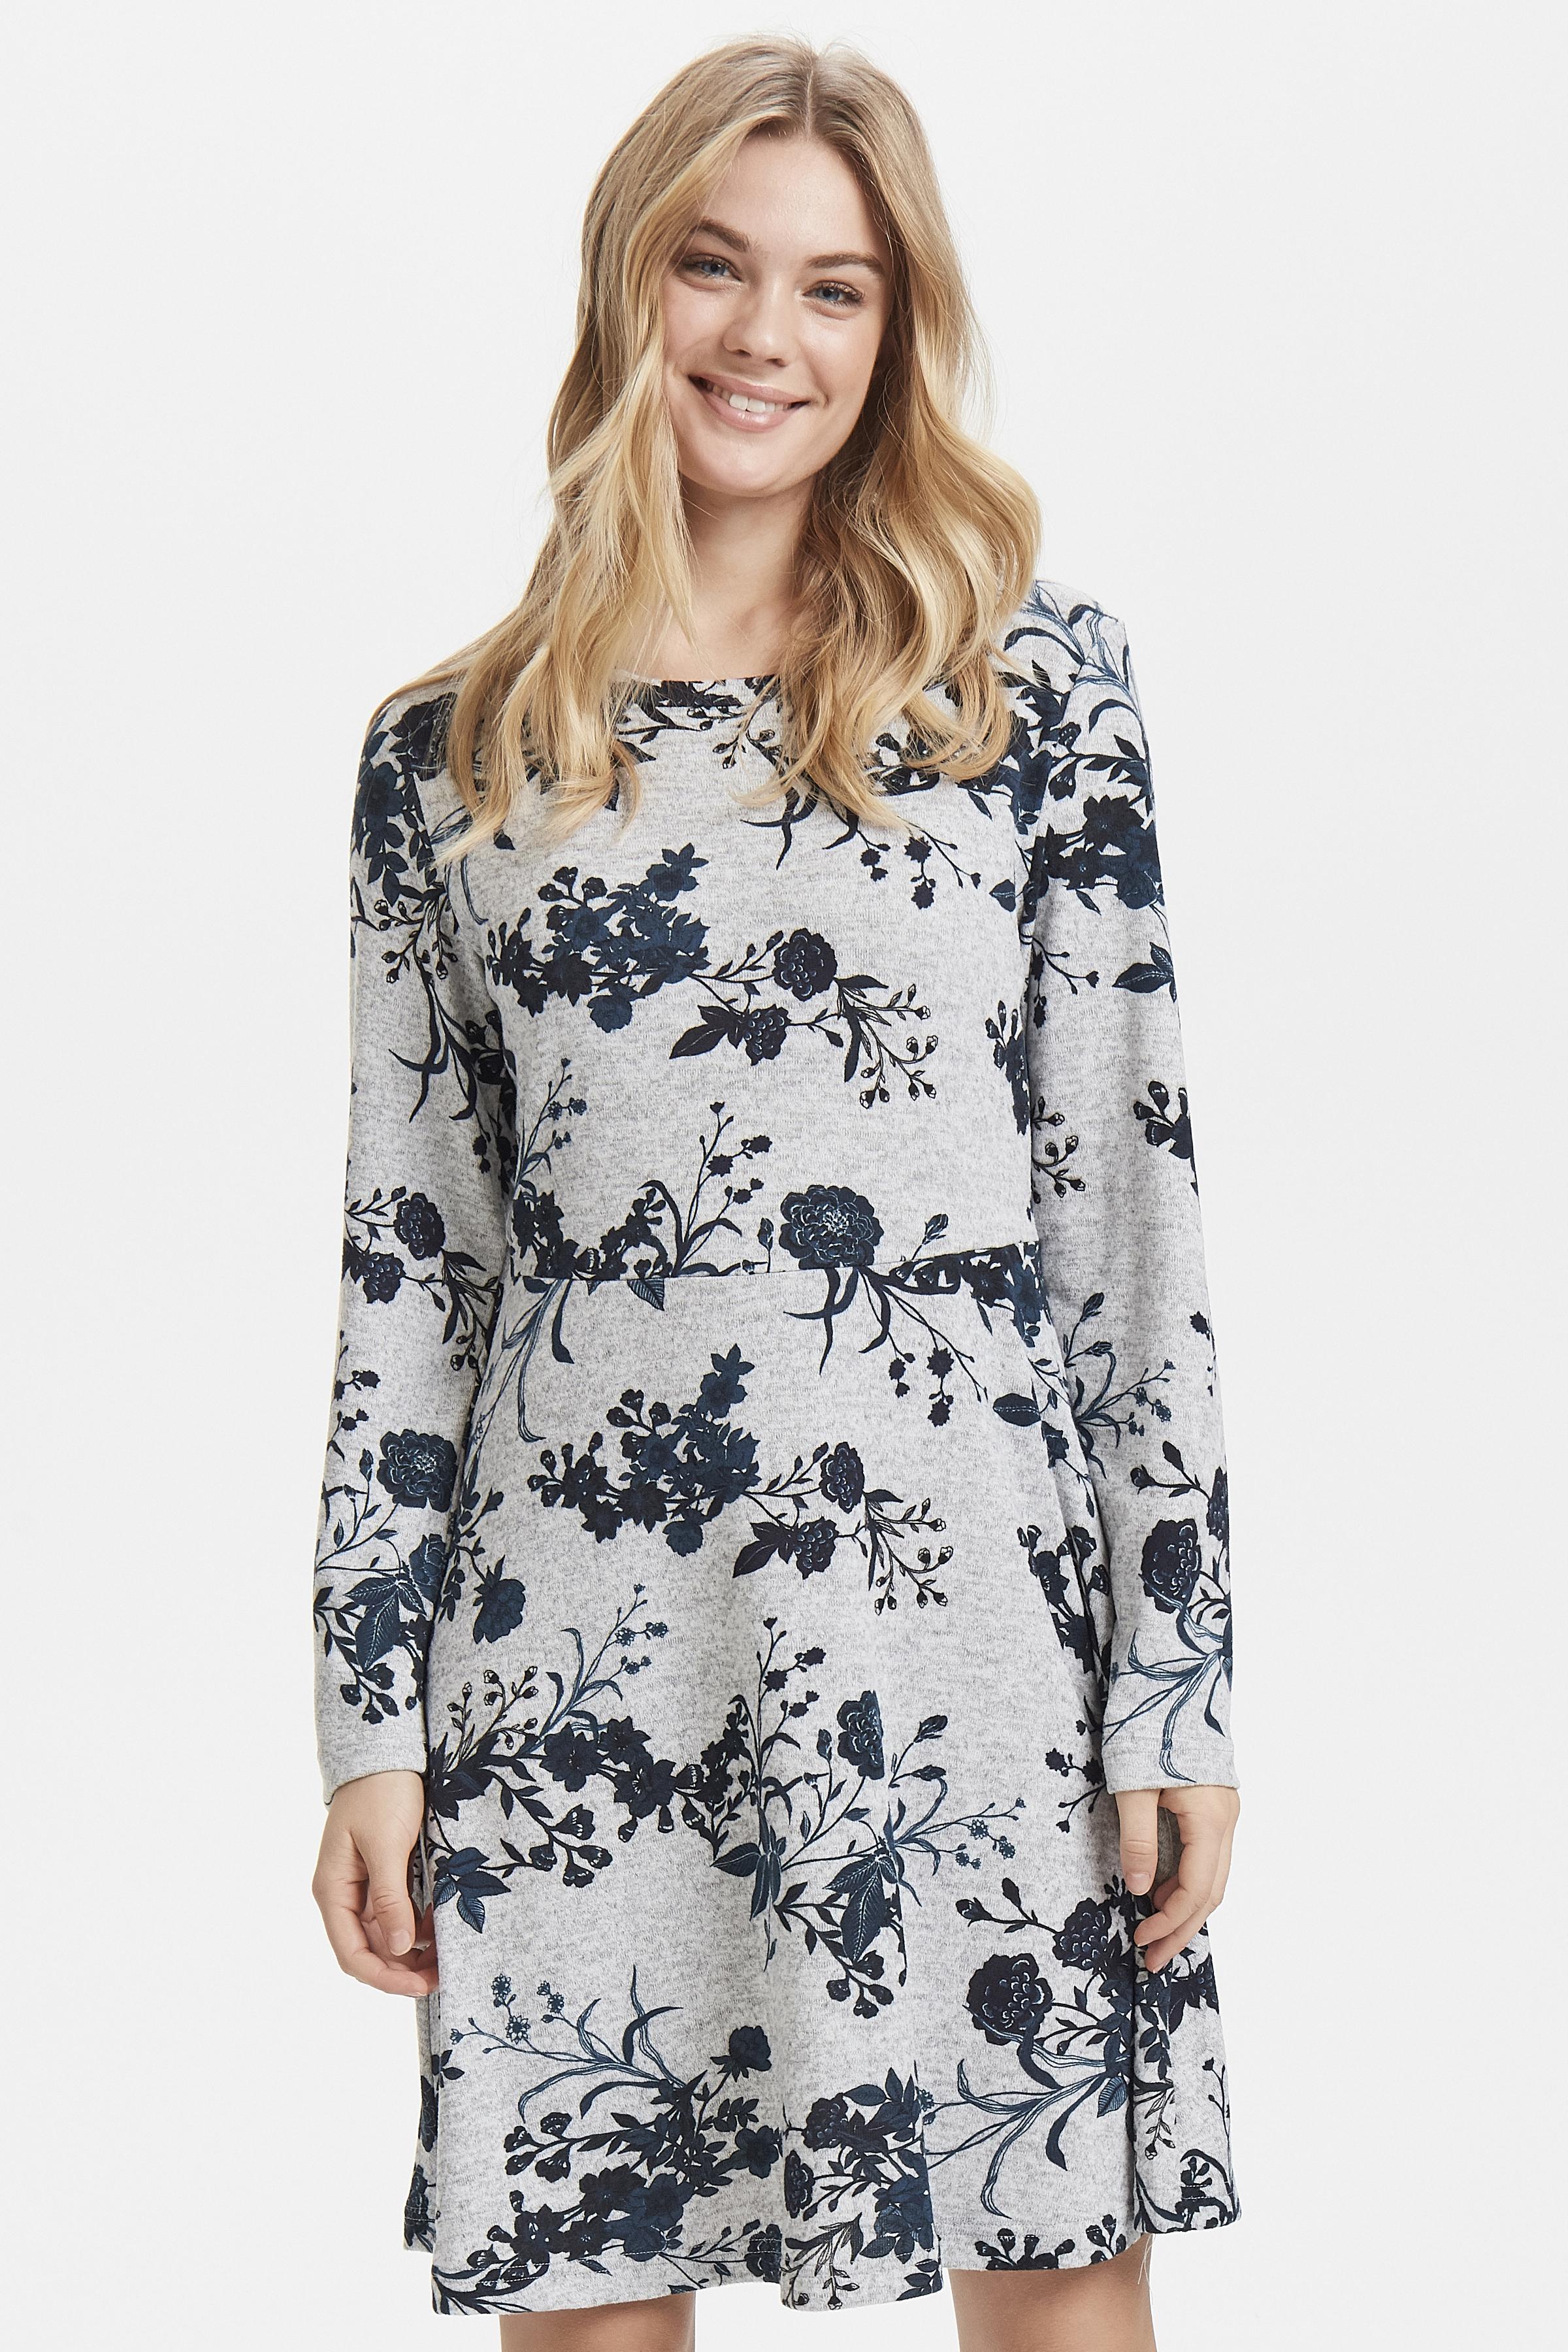 Teal Combi 1 Jersey jurk van b.young – Koop Teal Combi 1 Jersey jurk hier van size XS-XL